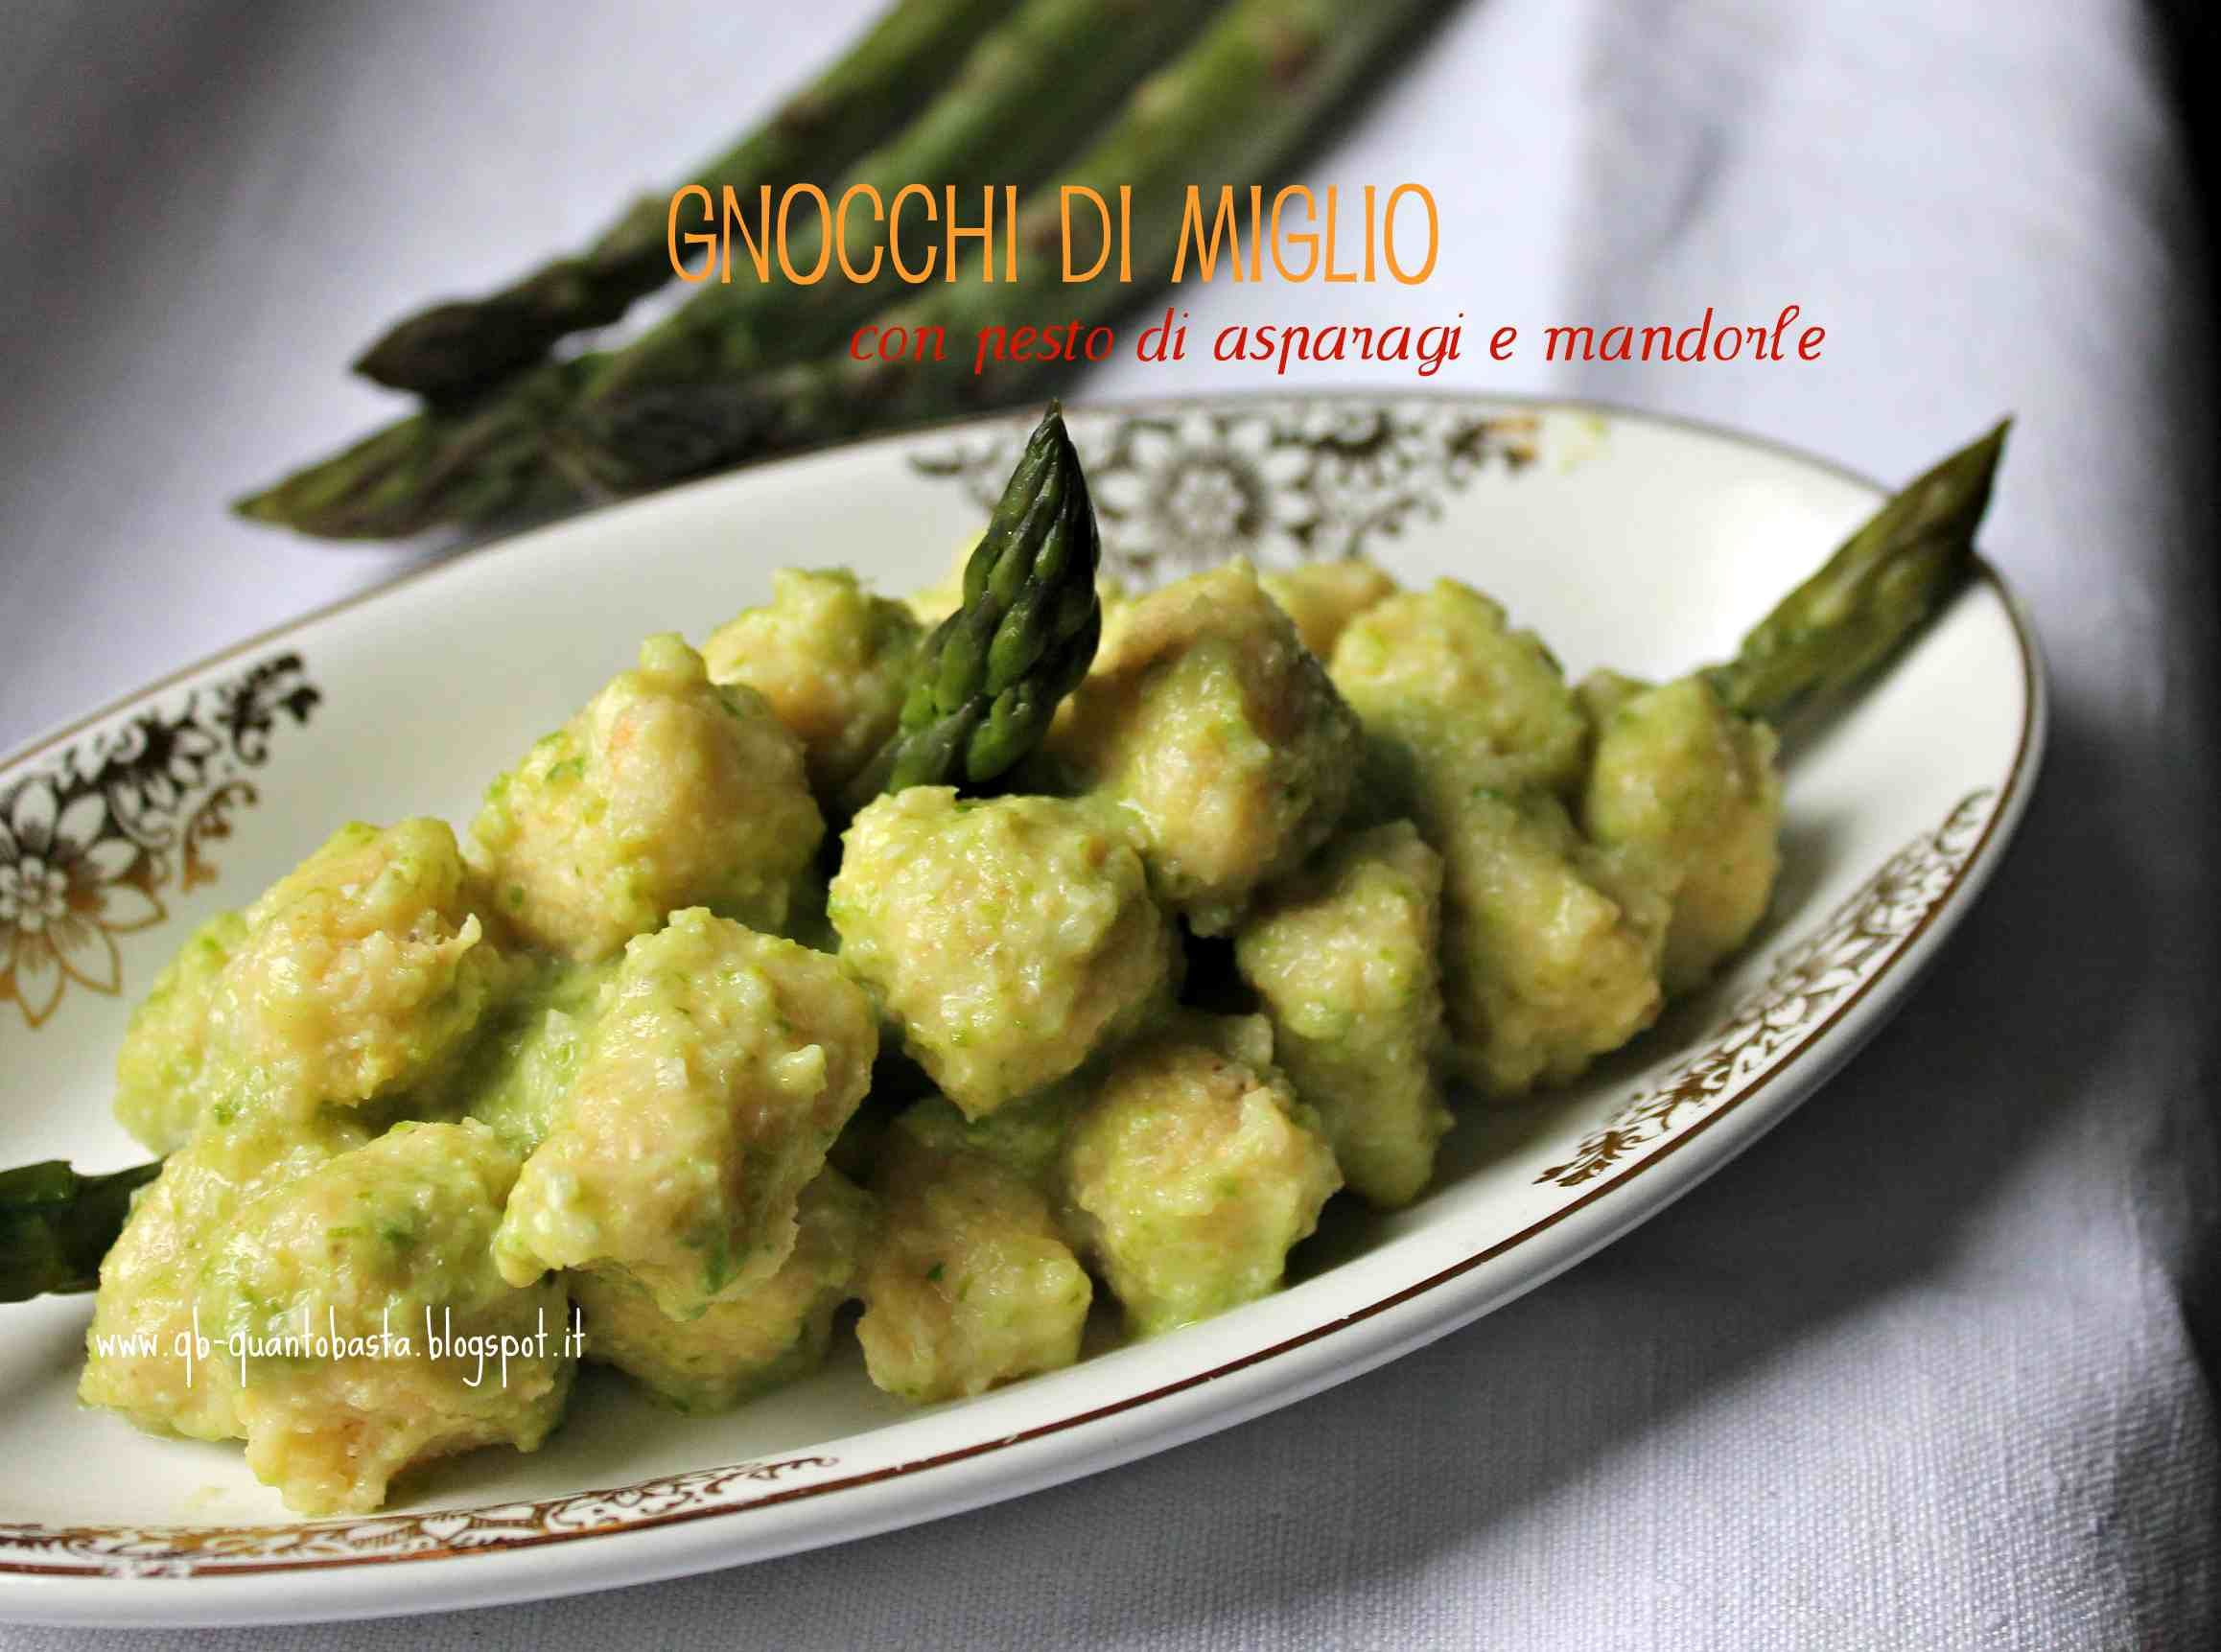 Ricetta Gnocchi Con Farina Di Miglio.Gnocchi Di Miglio Con Pesto Di Asparagi E Mandorle 3 5 5